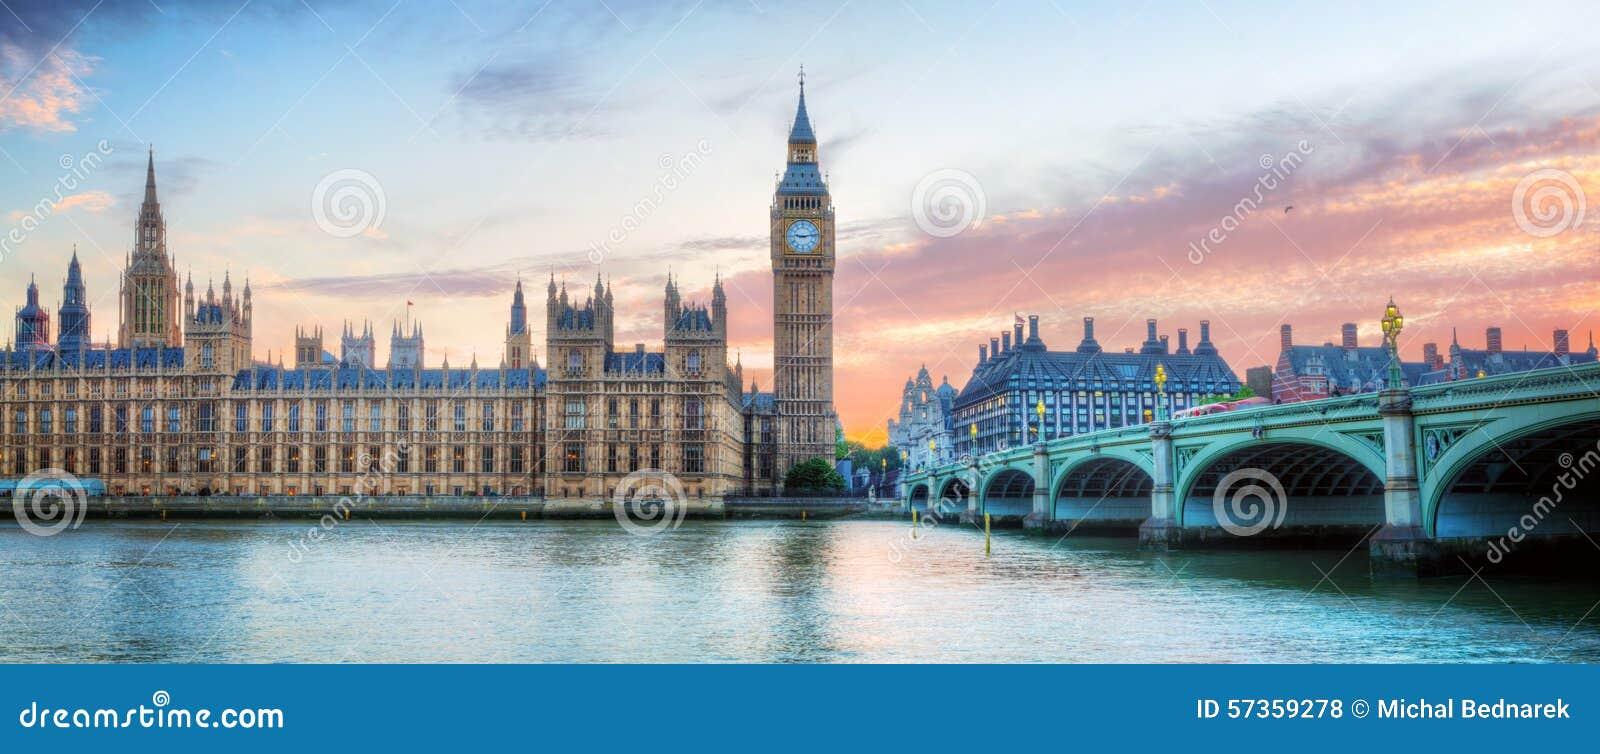 Het panorama van Londen, het UK Big Ben in het Paleis van Westminster op Rivier Theems bij zonsondergang